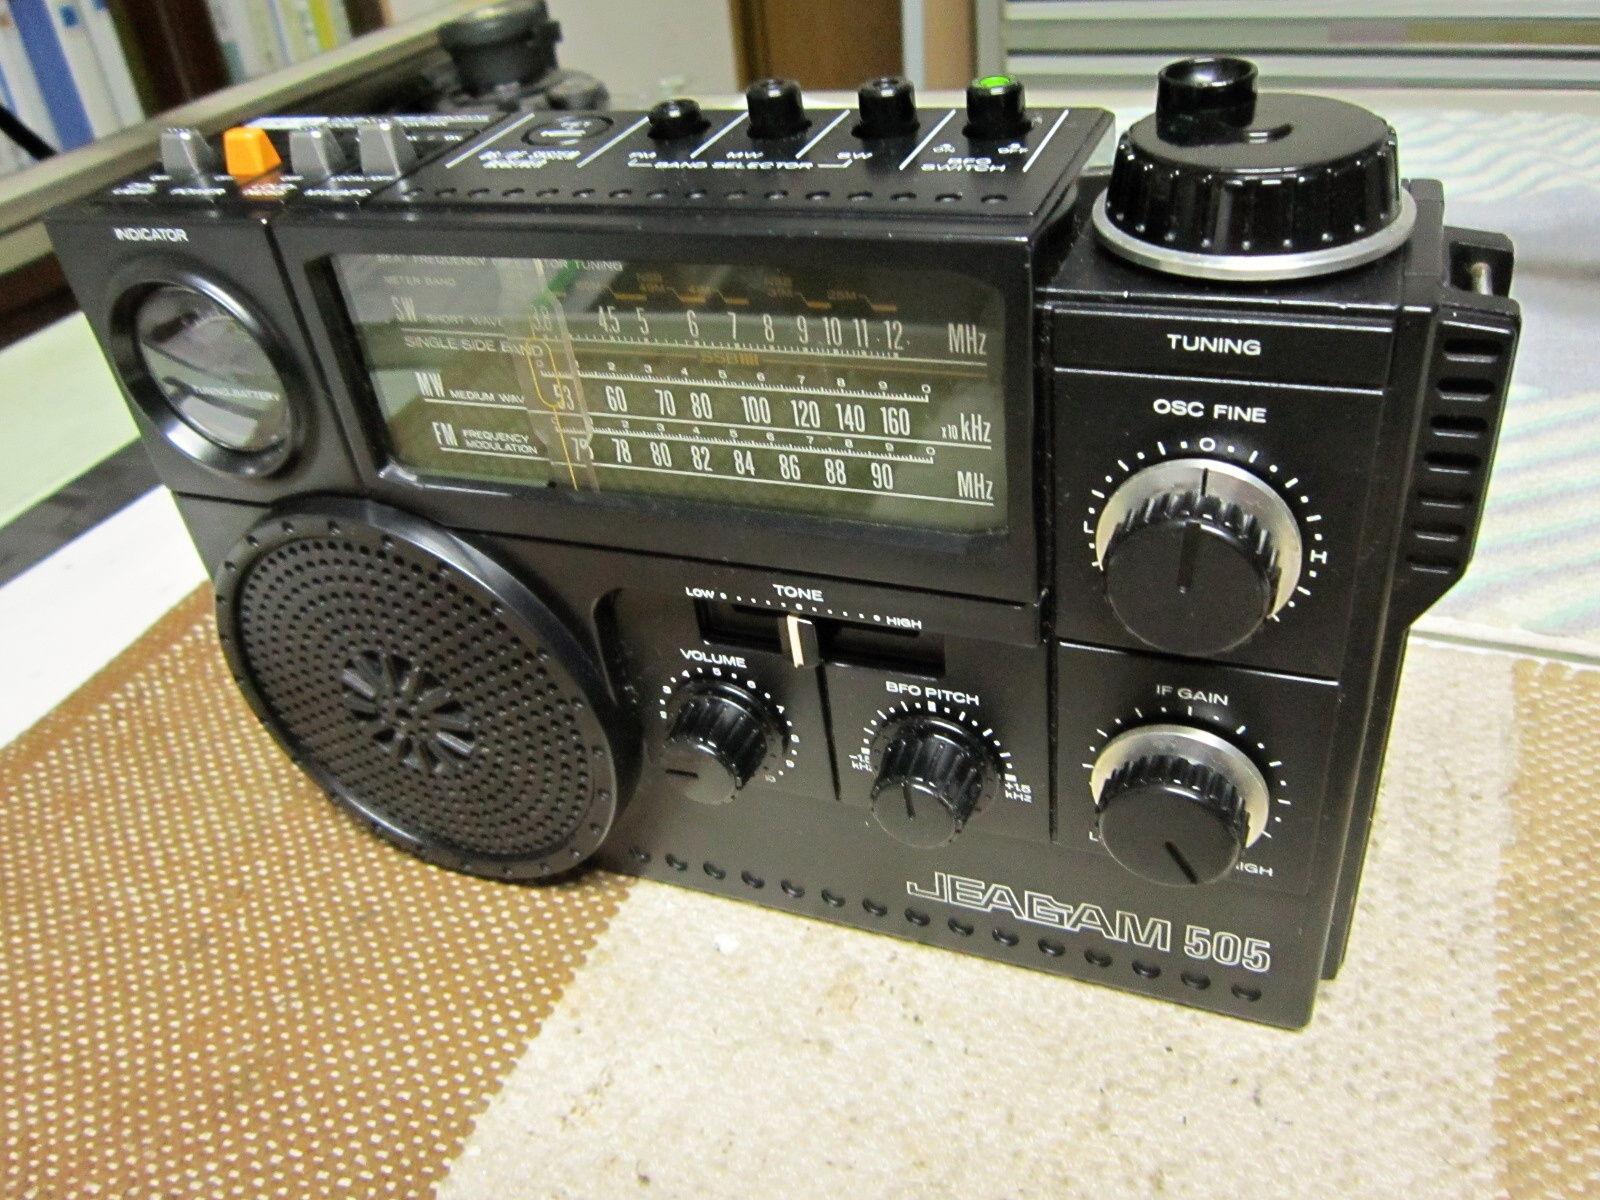 ホムセン量販店で買える低価格短波ラジオ 11台目©2ch.netYouTube動画>4本 ->画像>25枚